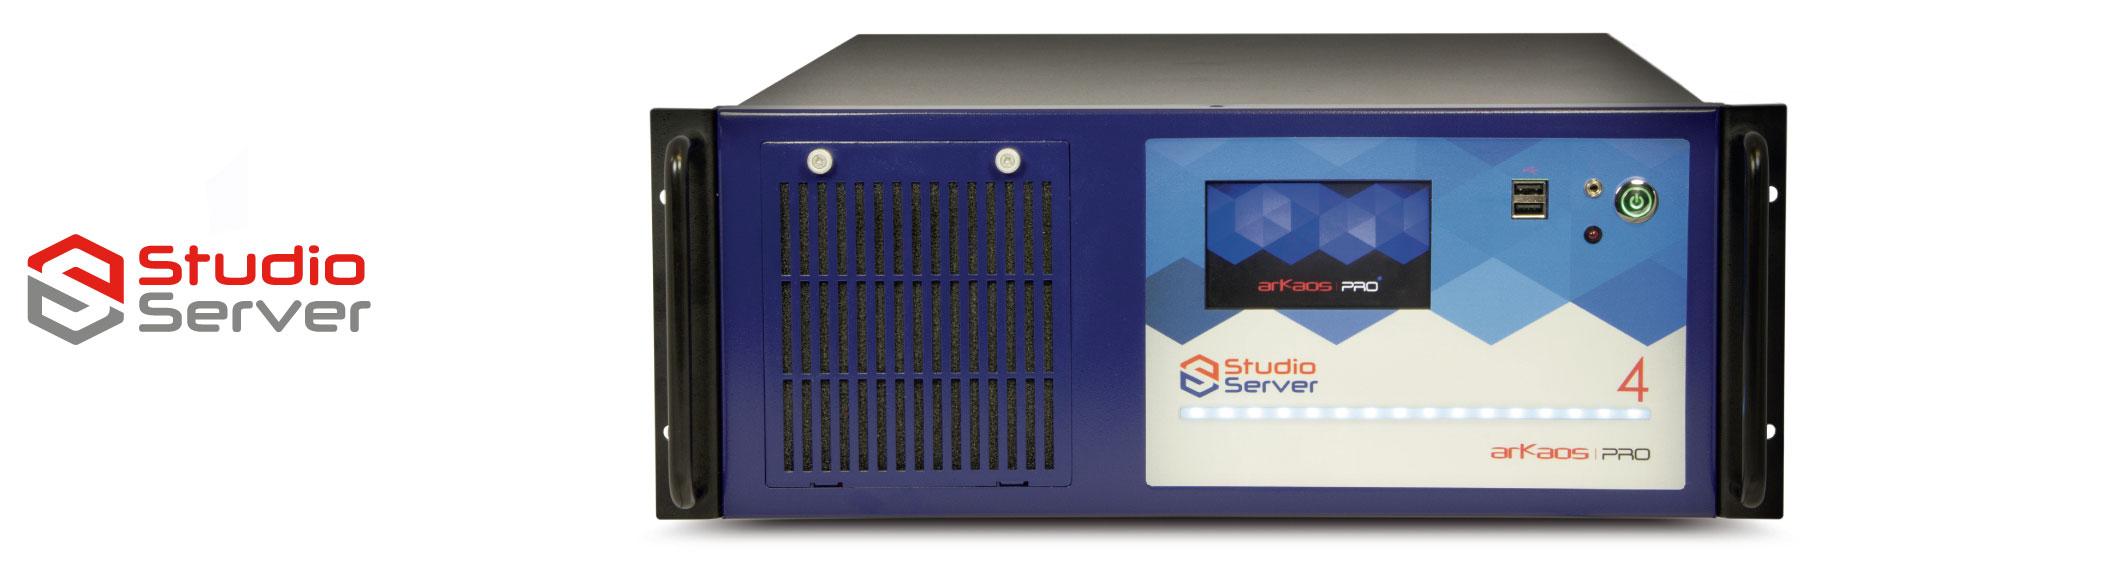 Studio server